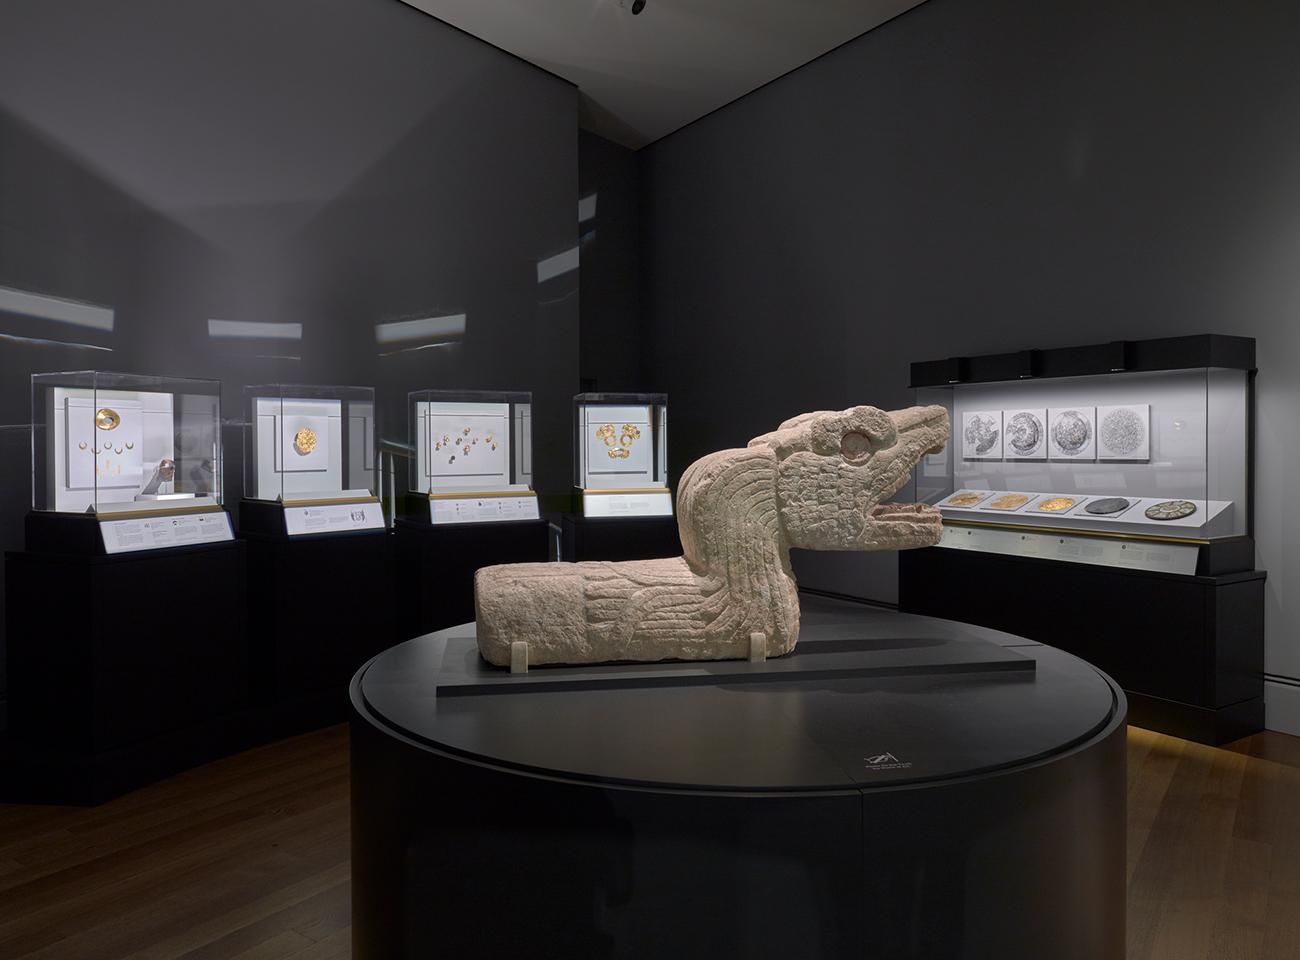 Gran escultura de piedra de una serpiente emplumada con numerosos artefactos más pequeños de metal al fondo.